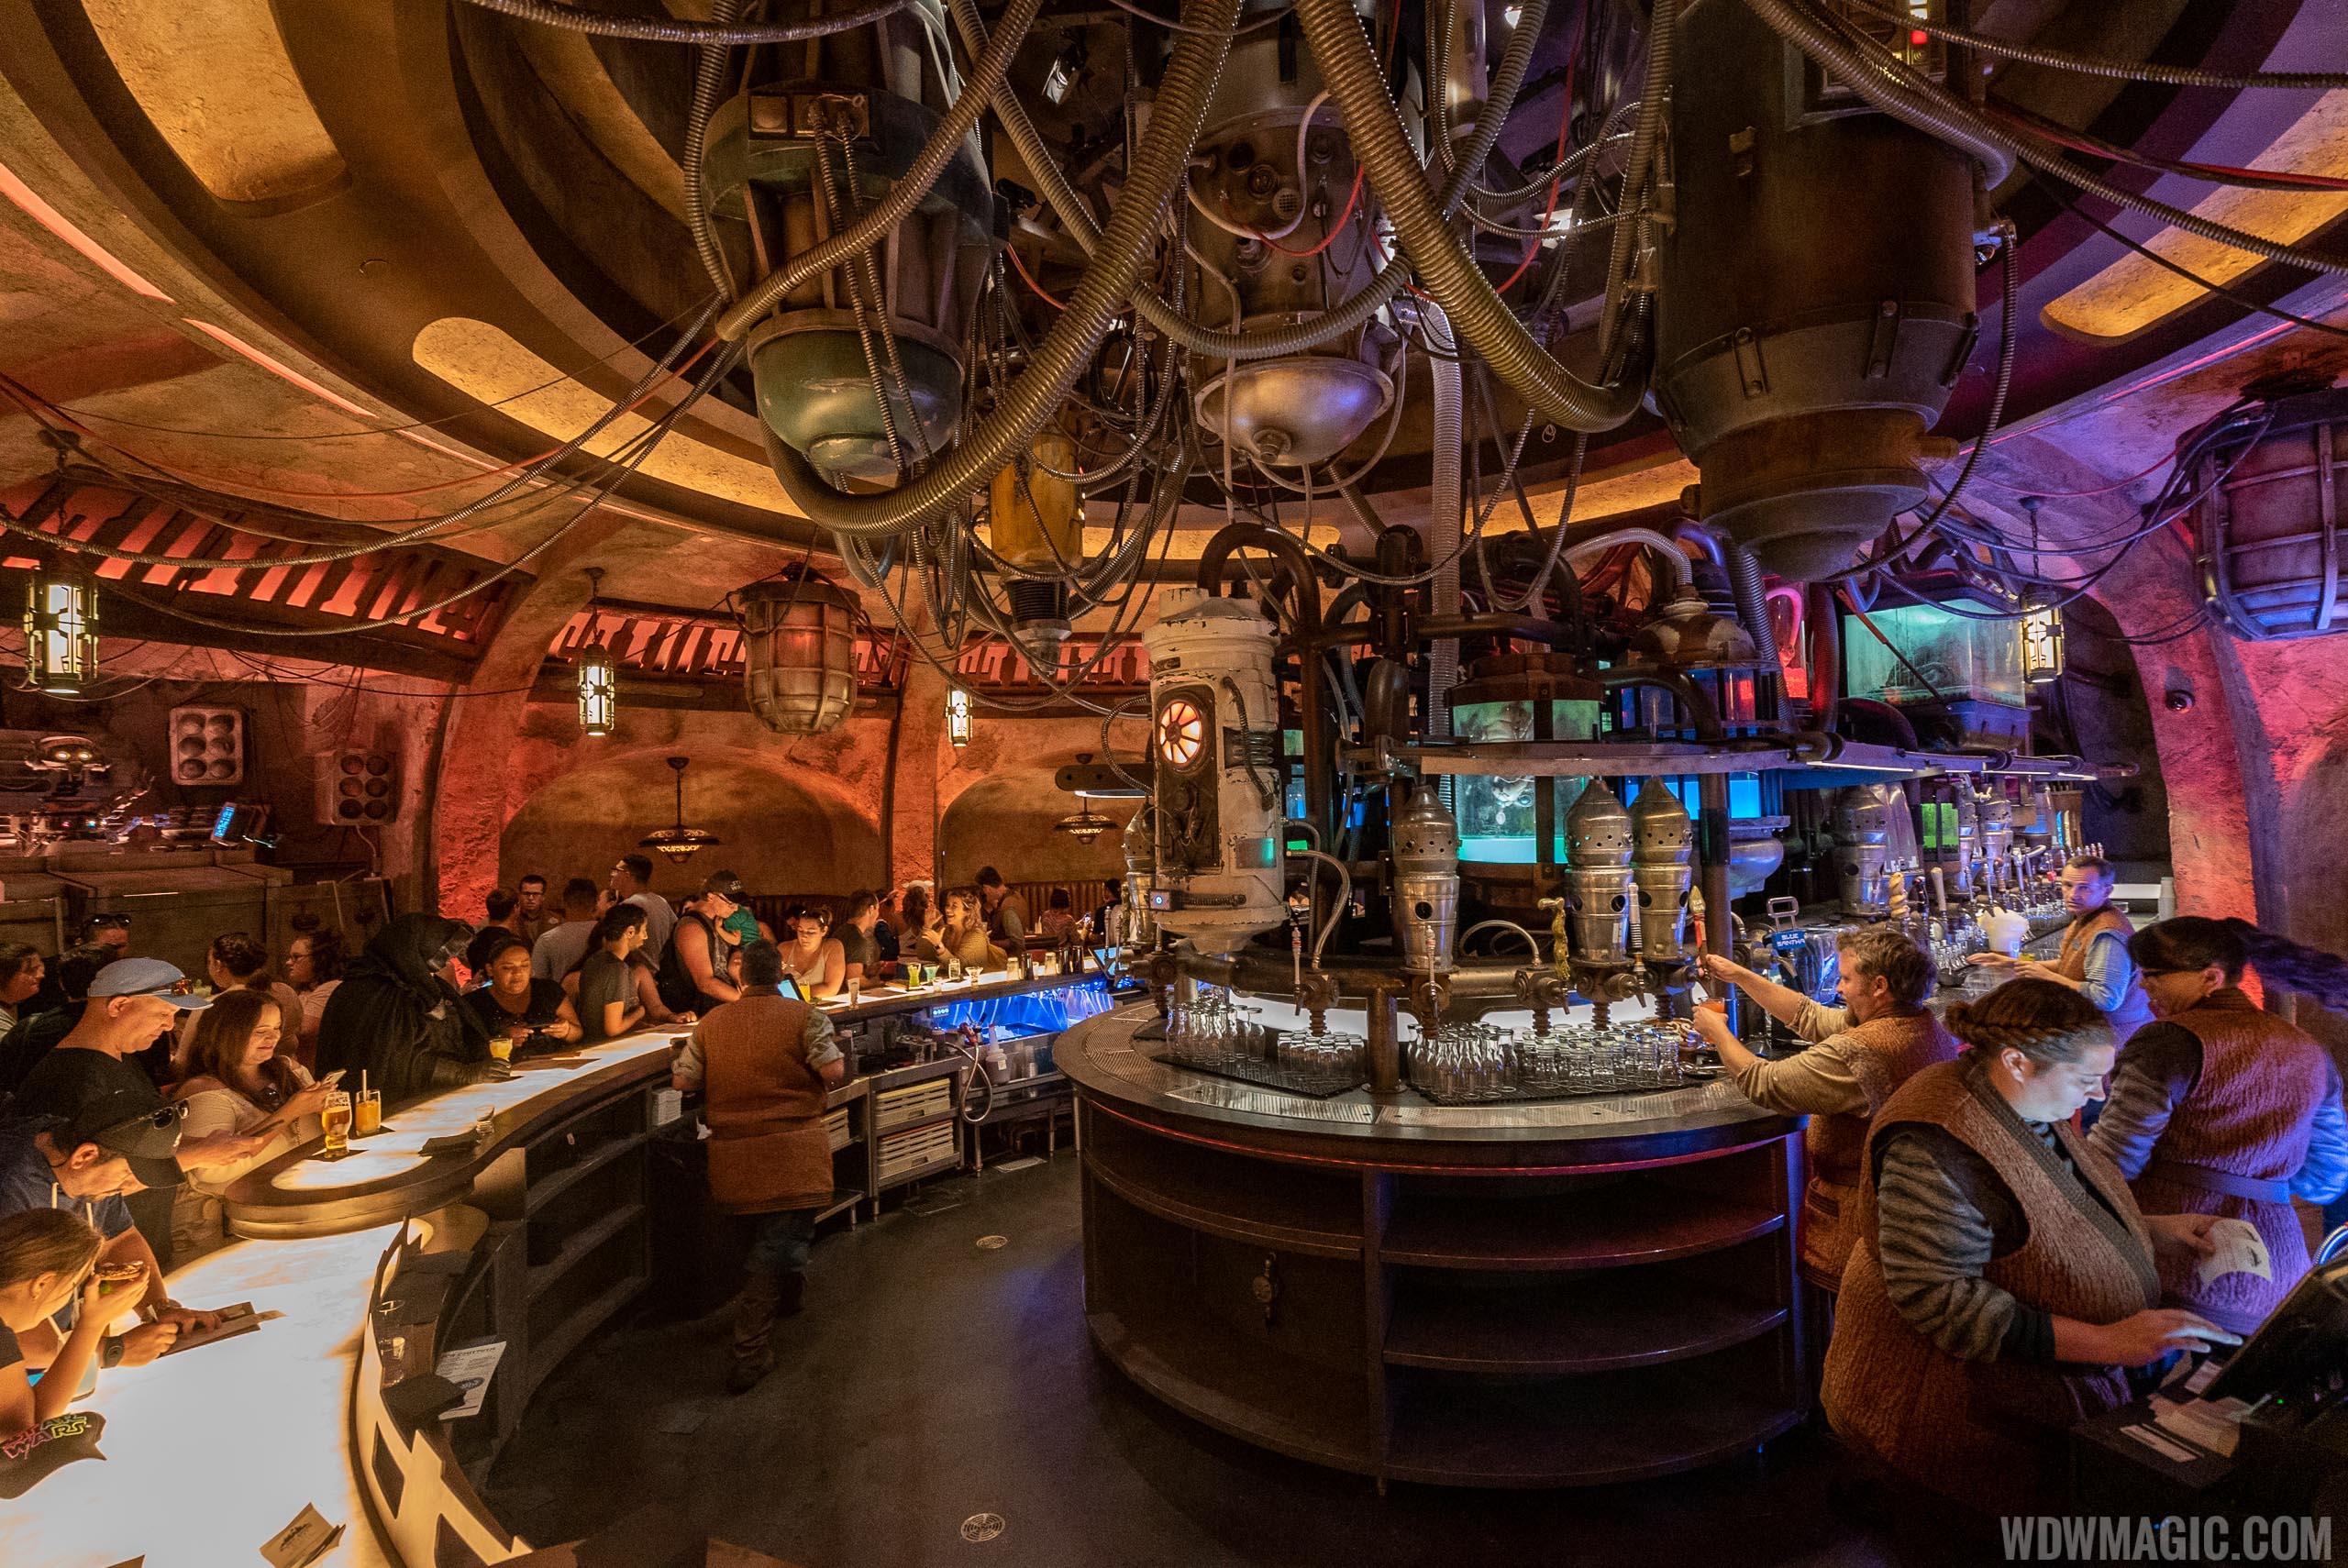 Oga's Cantina - Bar